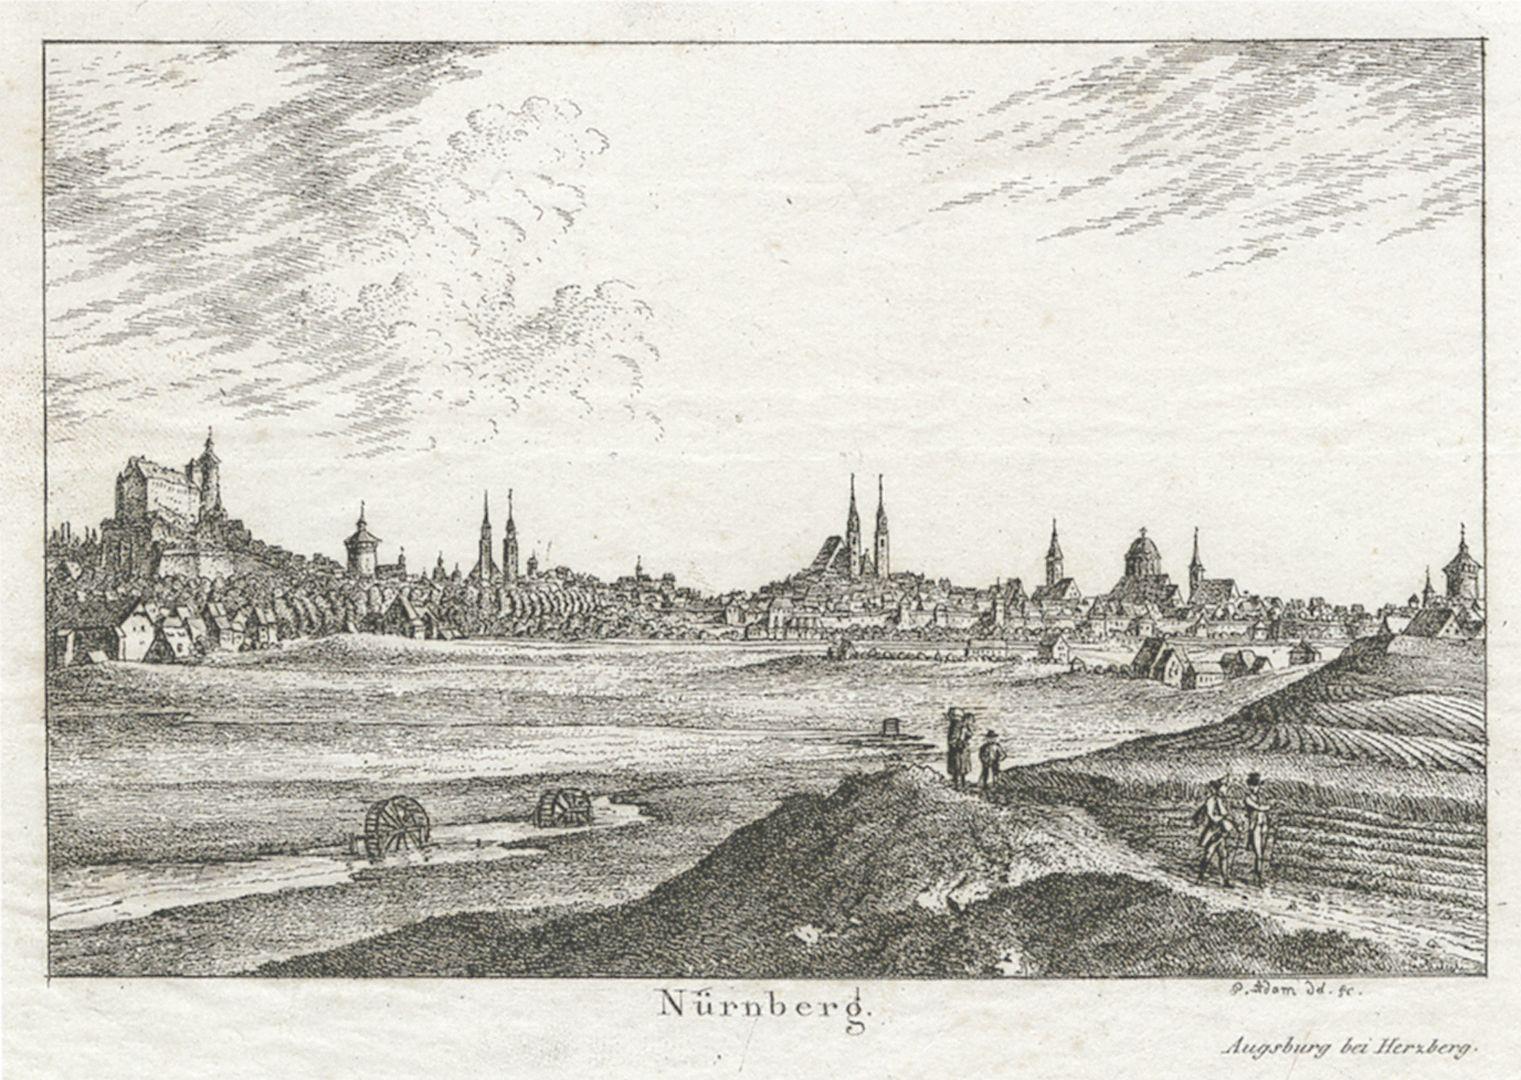 Tasse mit Nürnberg-Ansicht von Südwesten Bildvorlage von Georg Adam (1785 - 1823): Nürnberg-Ansicht von Südwesten, Radierung um 1820